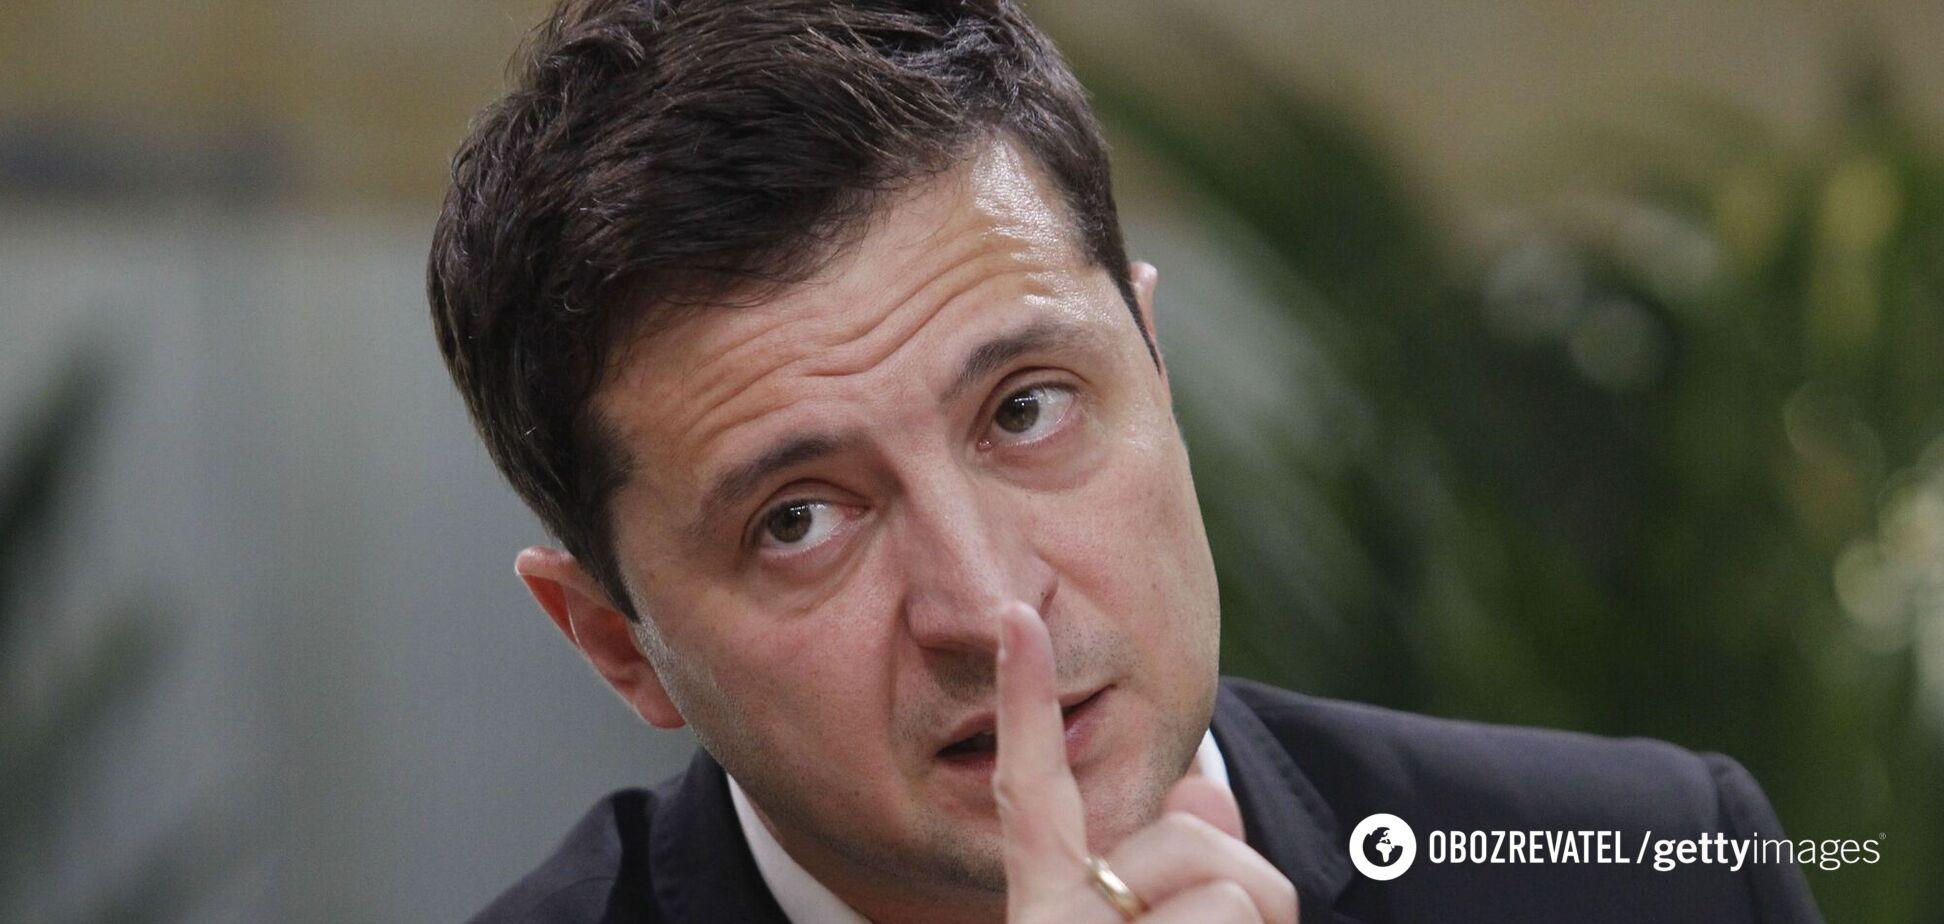 Зеленский о референдуме: старые политики испугались, мы дали людям власть